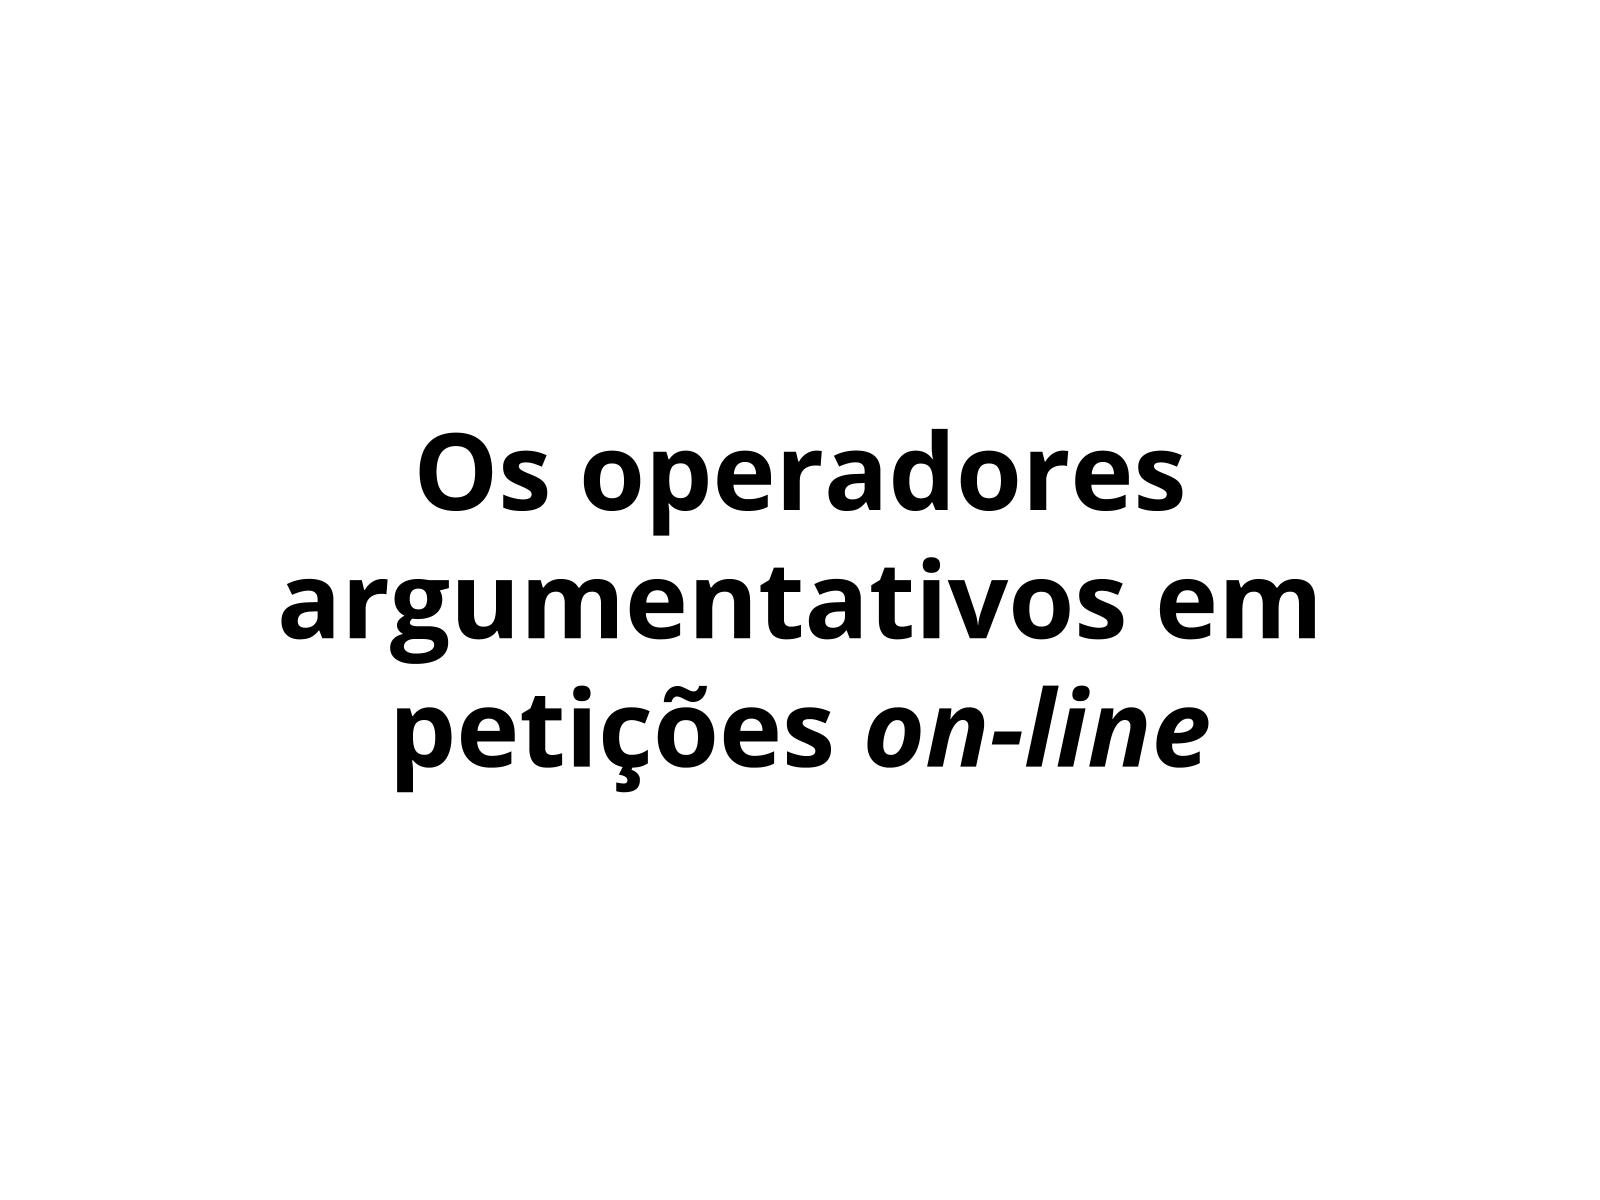 Os operadores argumentativos em petições on-line